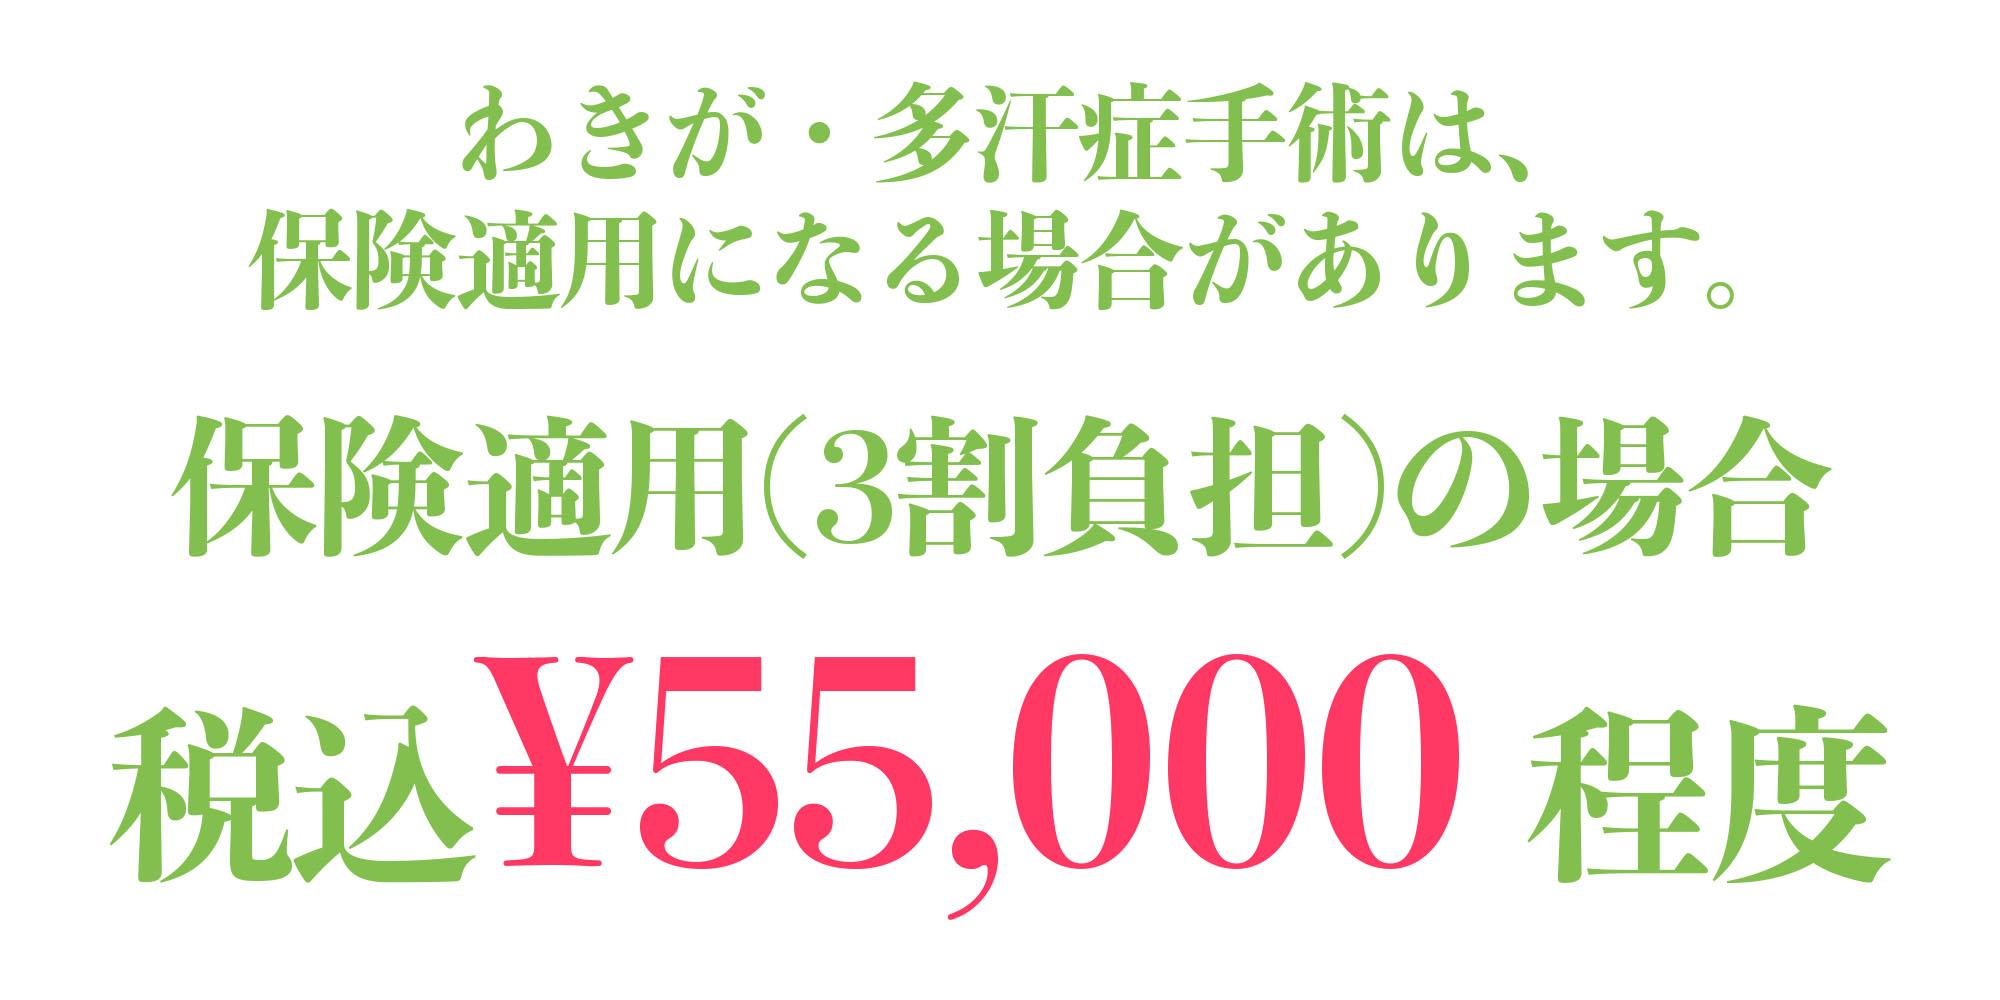 わきが・多汗症手術は、 保険適用になる場合があります。 保険適用(3割負担)の場合 税込¥55,000 程度